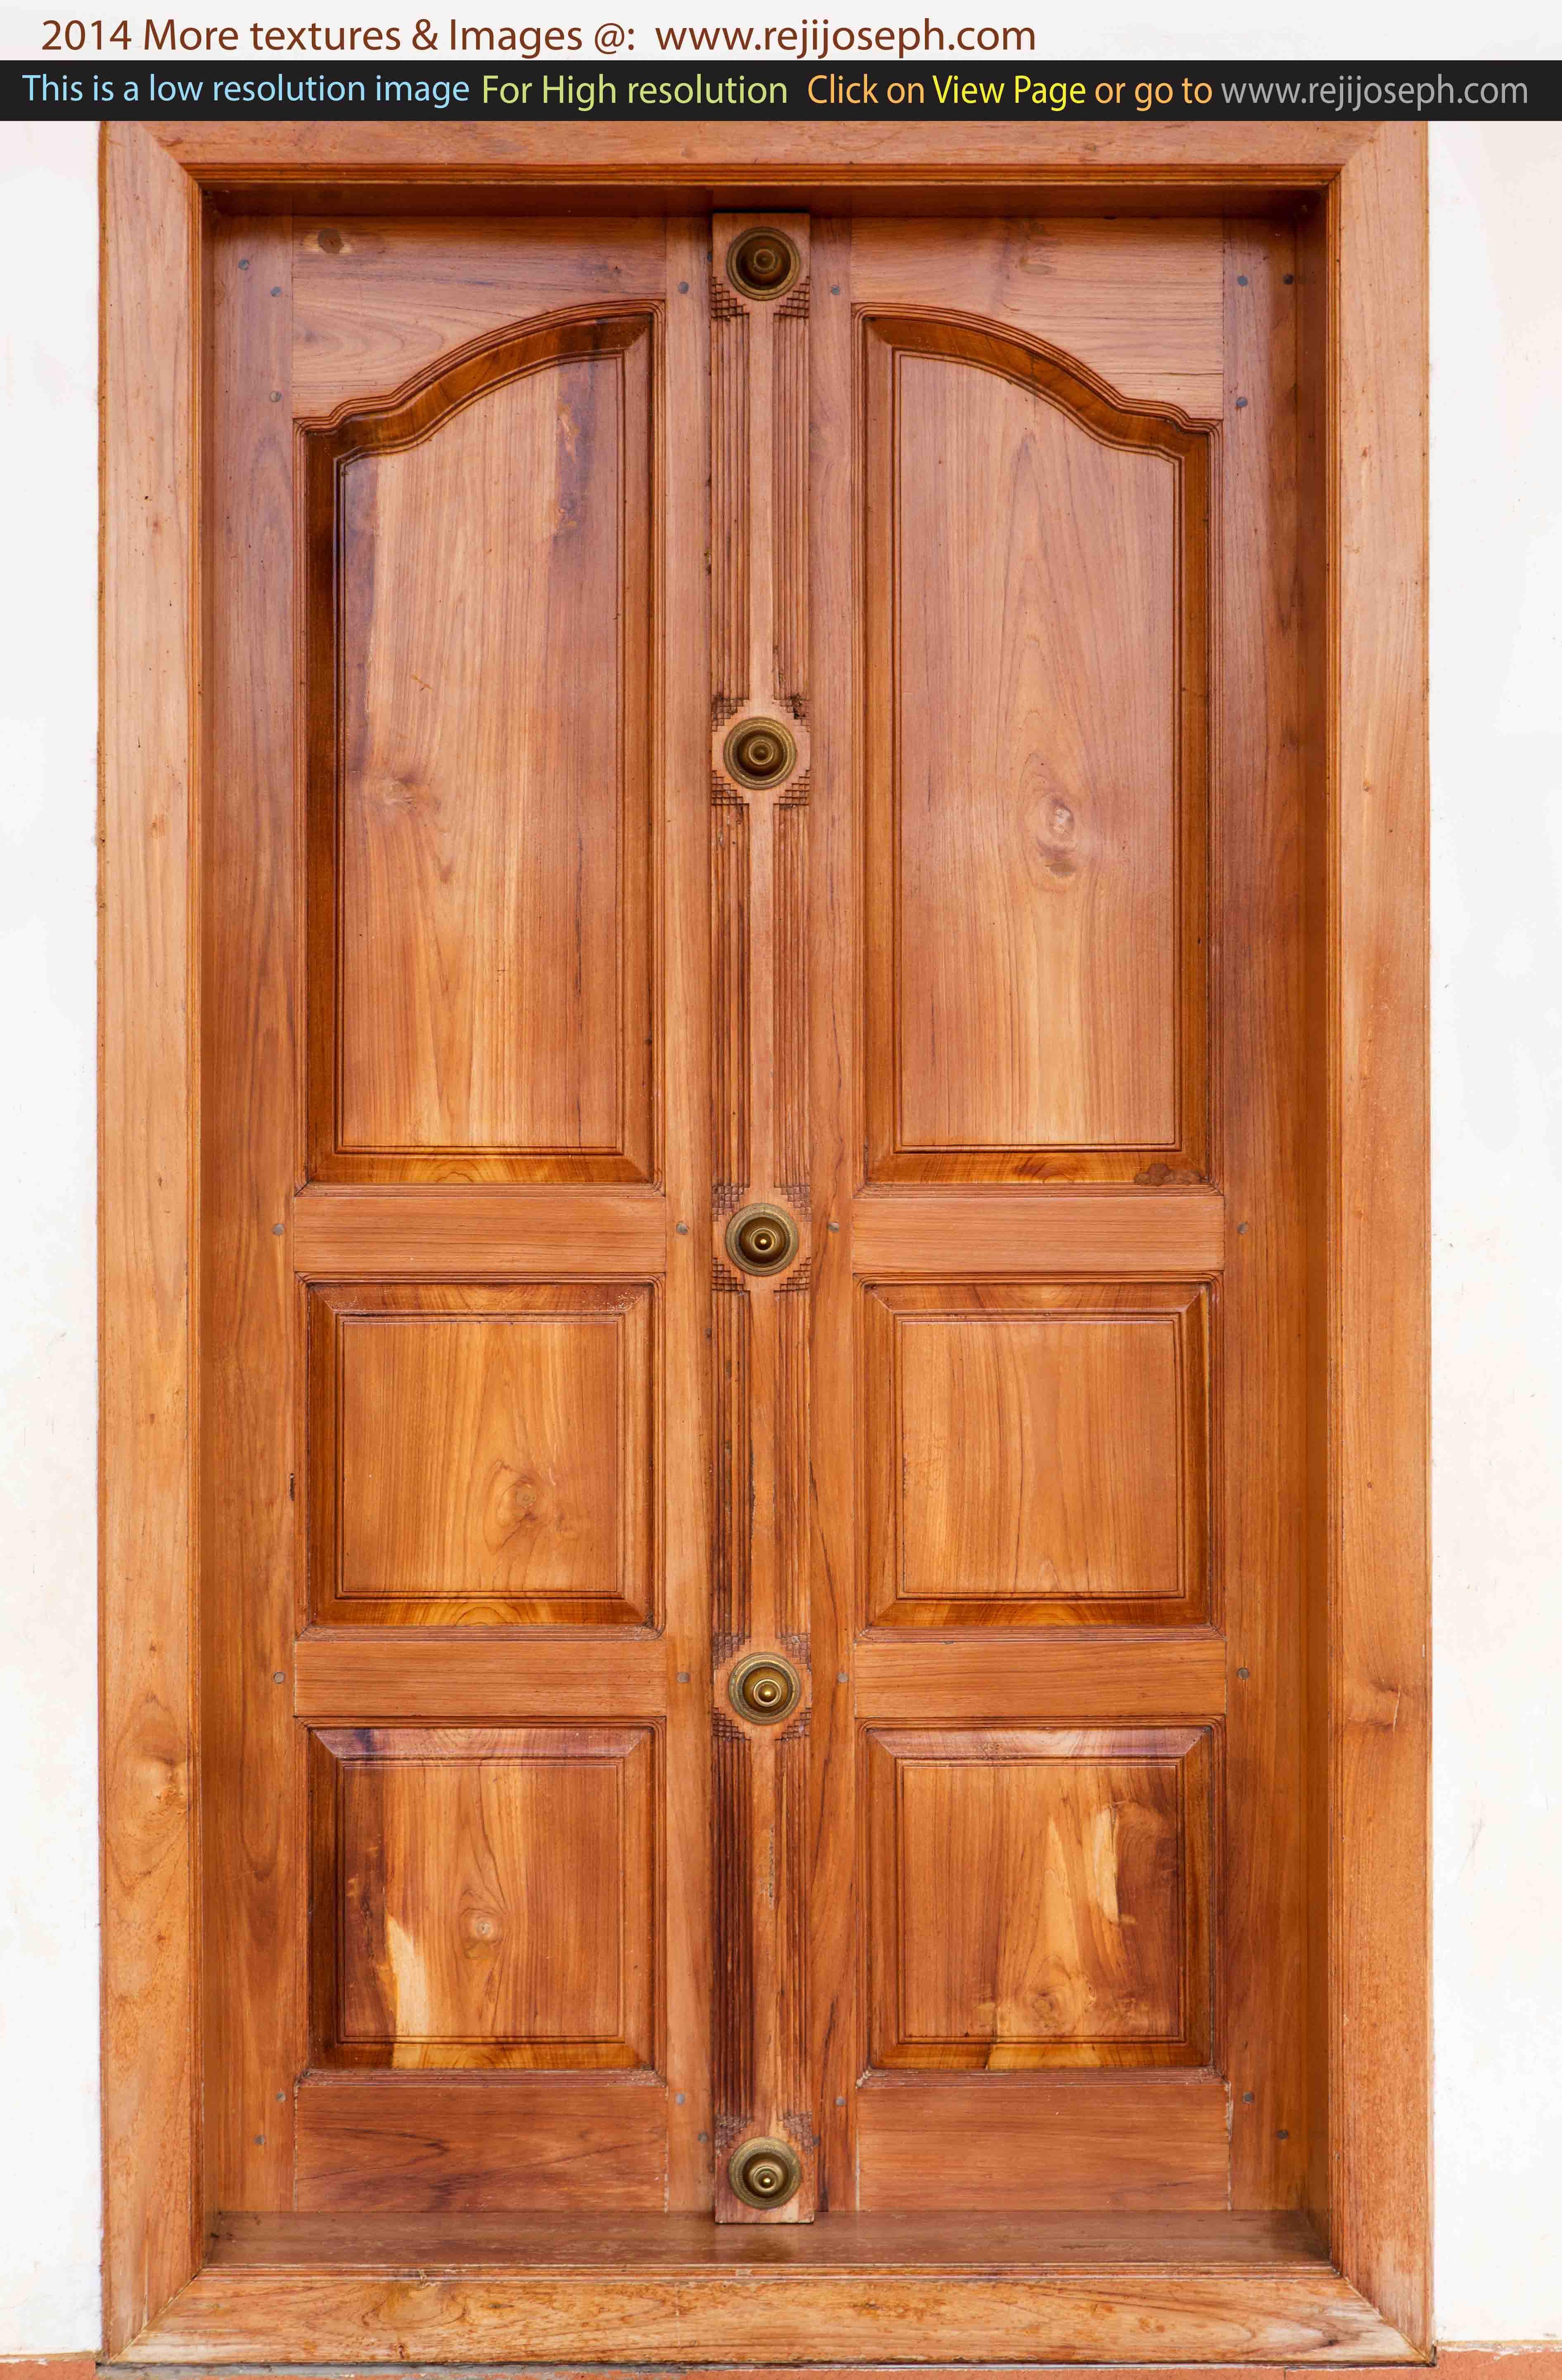 Wooden door texture 00004